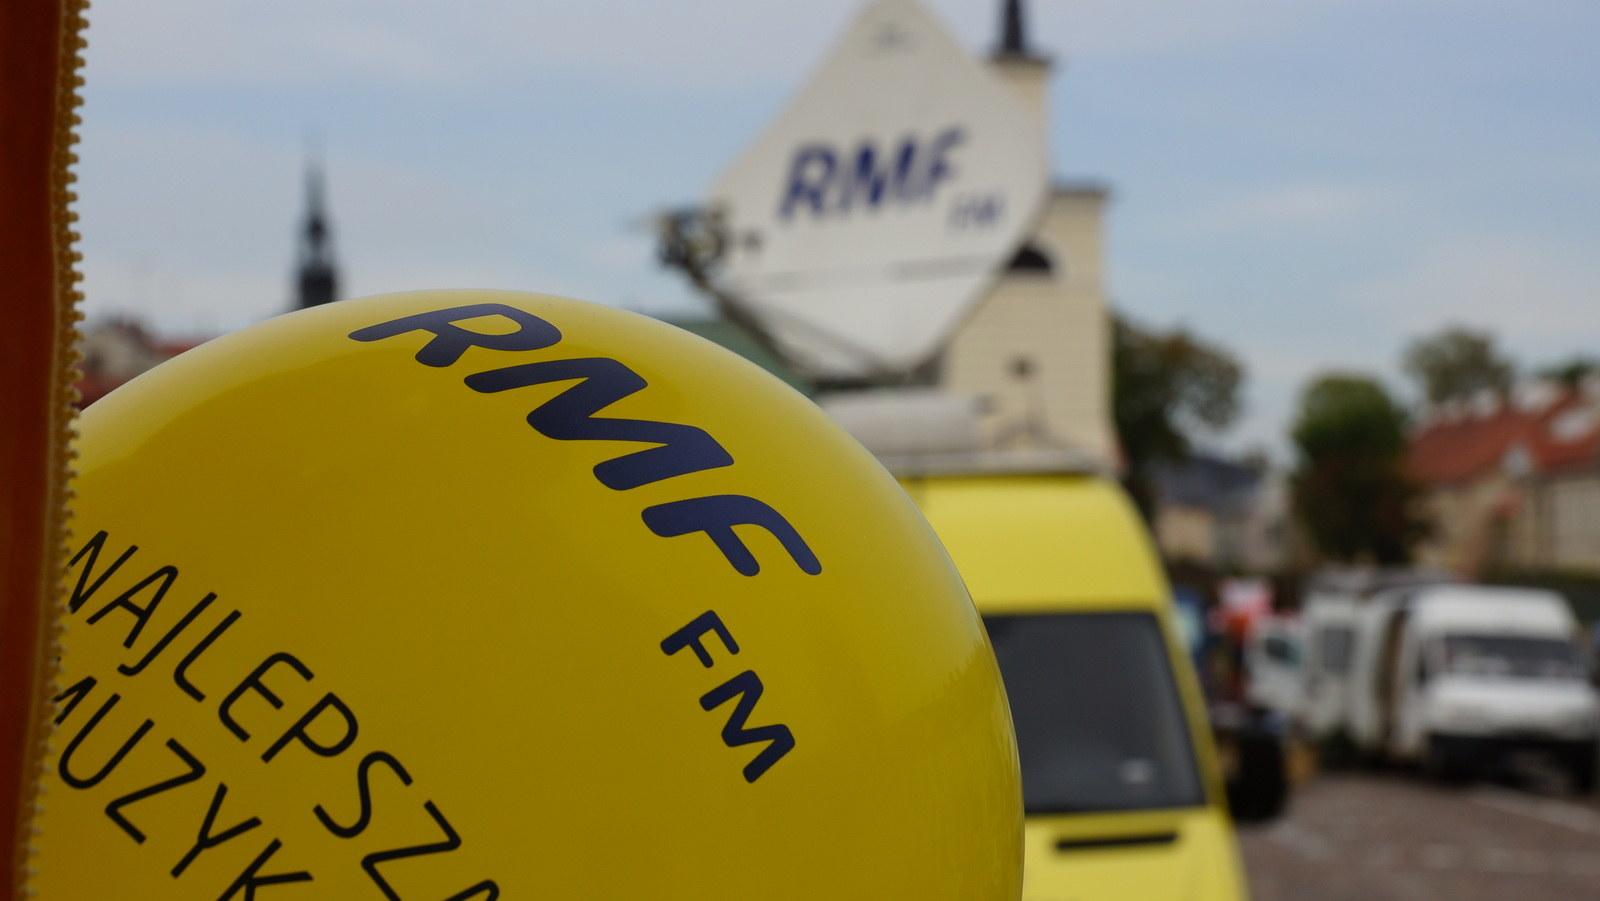 Skd nadamy Twoje Miasto w Faktach RMF FM - RMF 24